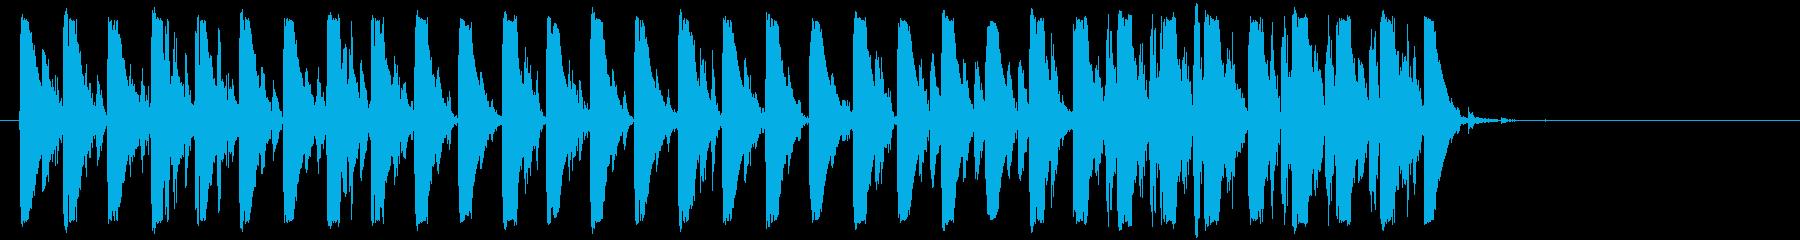 近未来風テクノビートポップジングルの再生済みの波形